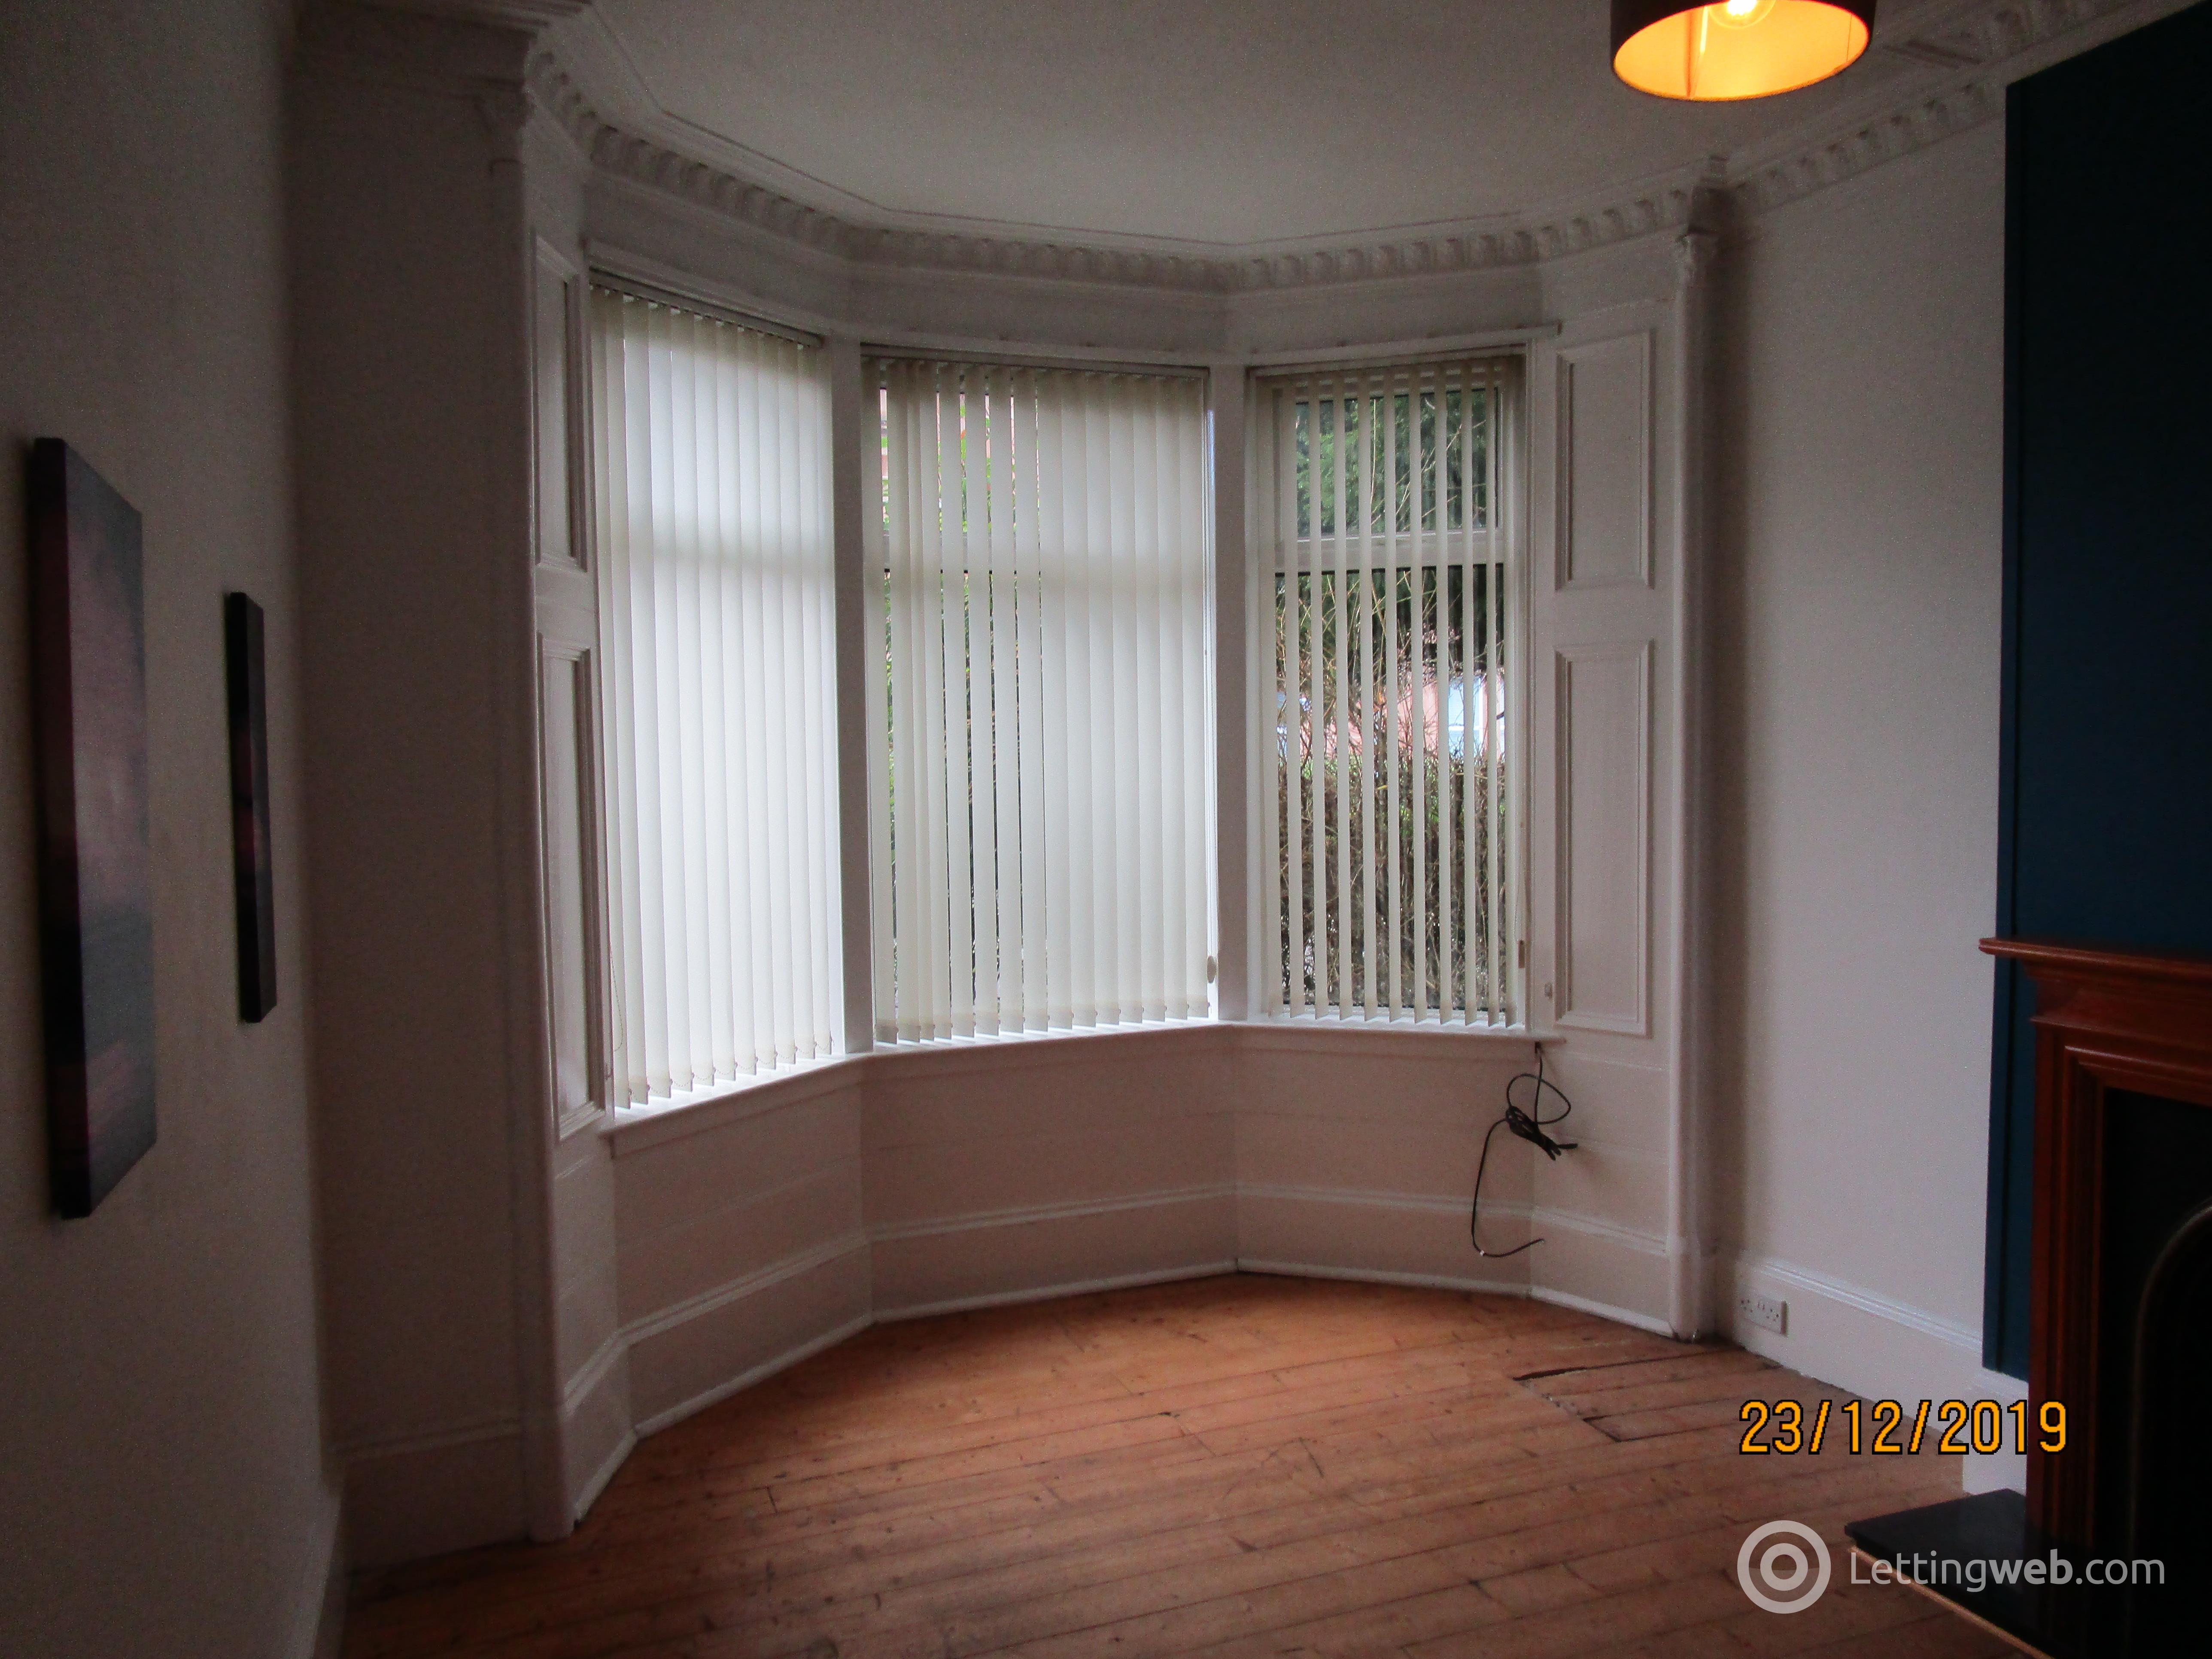 Property to rent in Ledard Road, Battlefield, Glasgow, G42